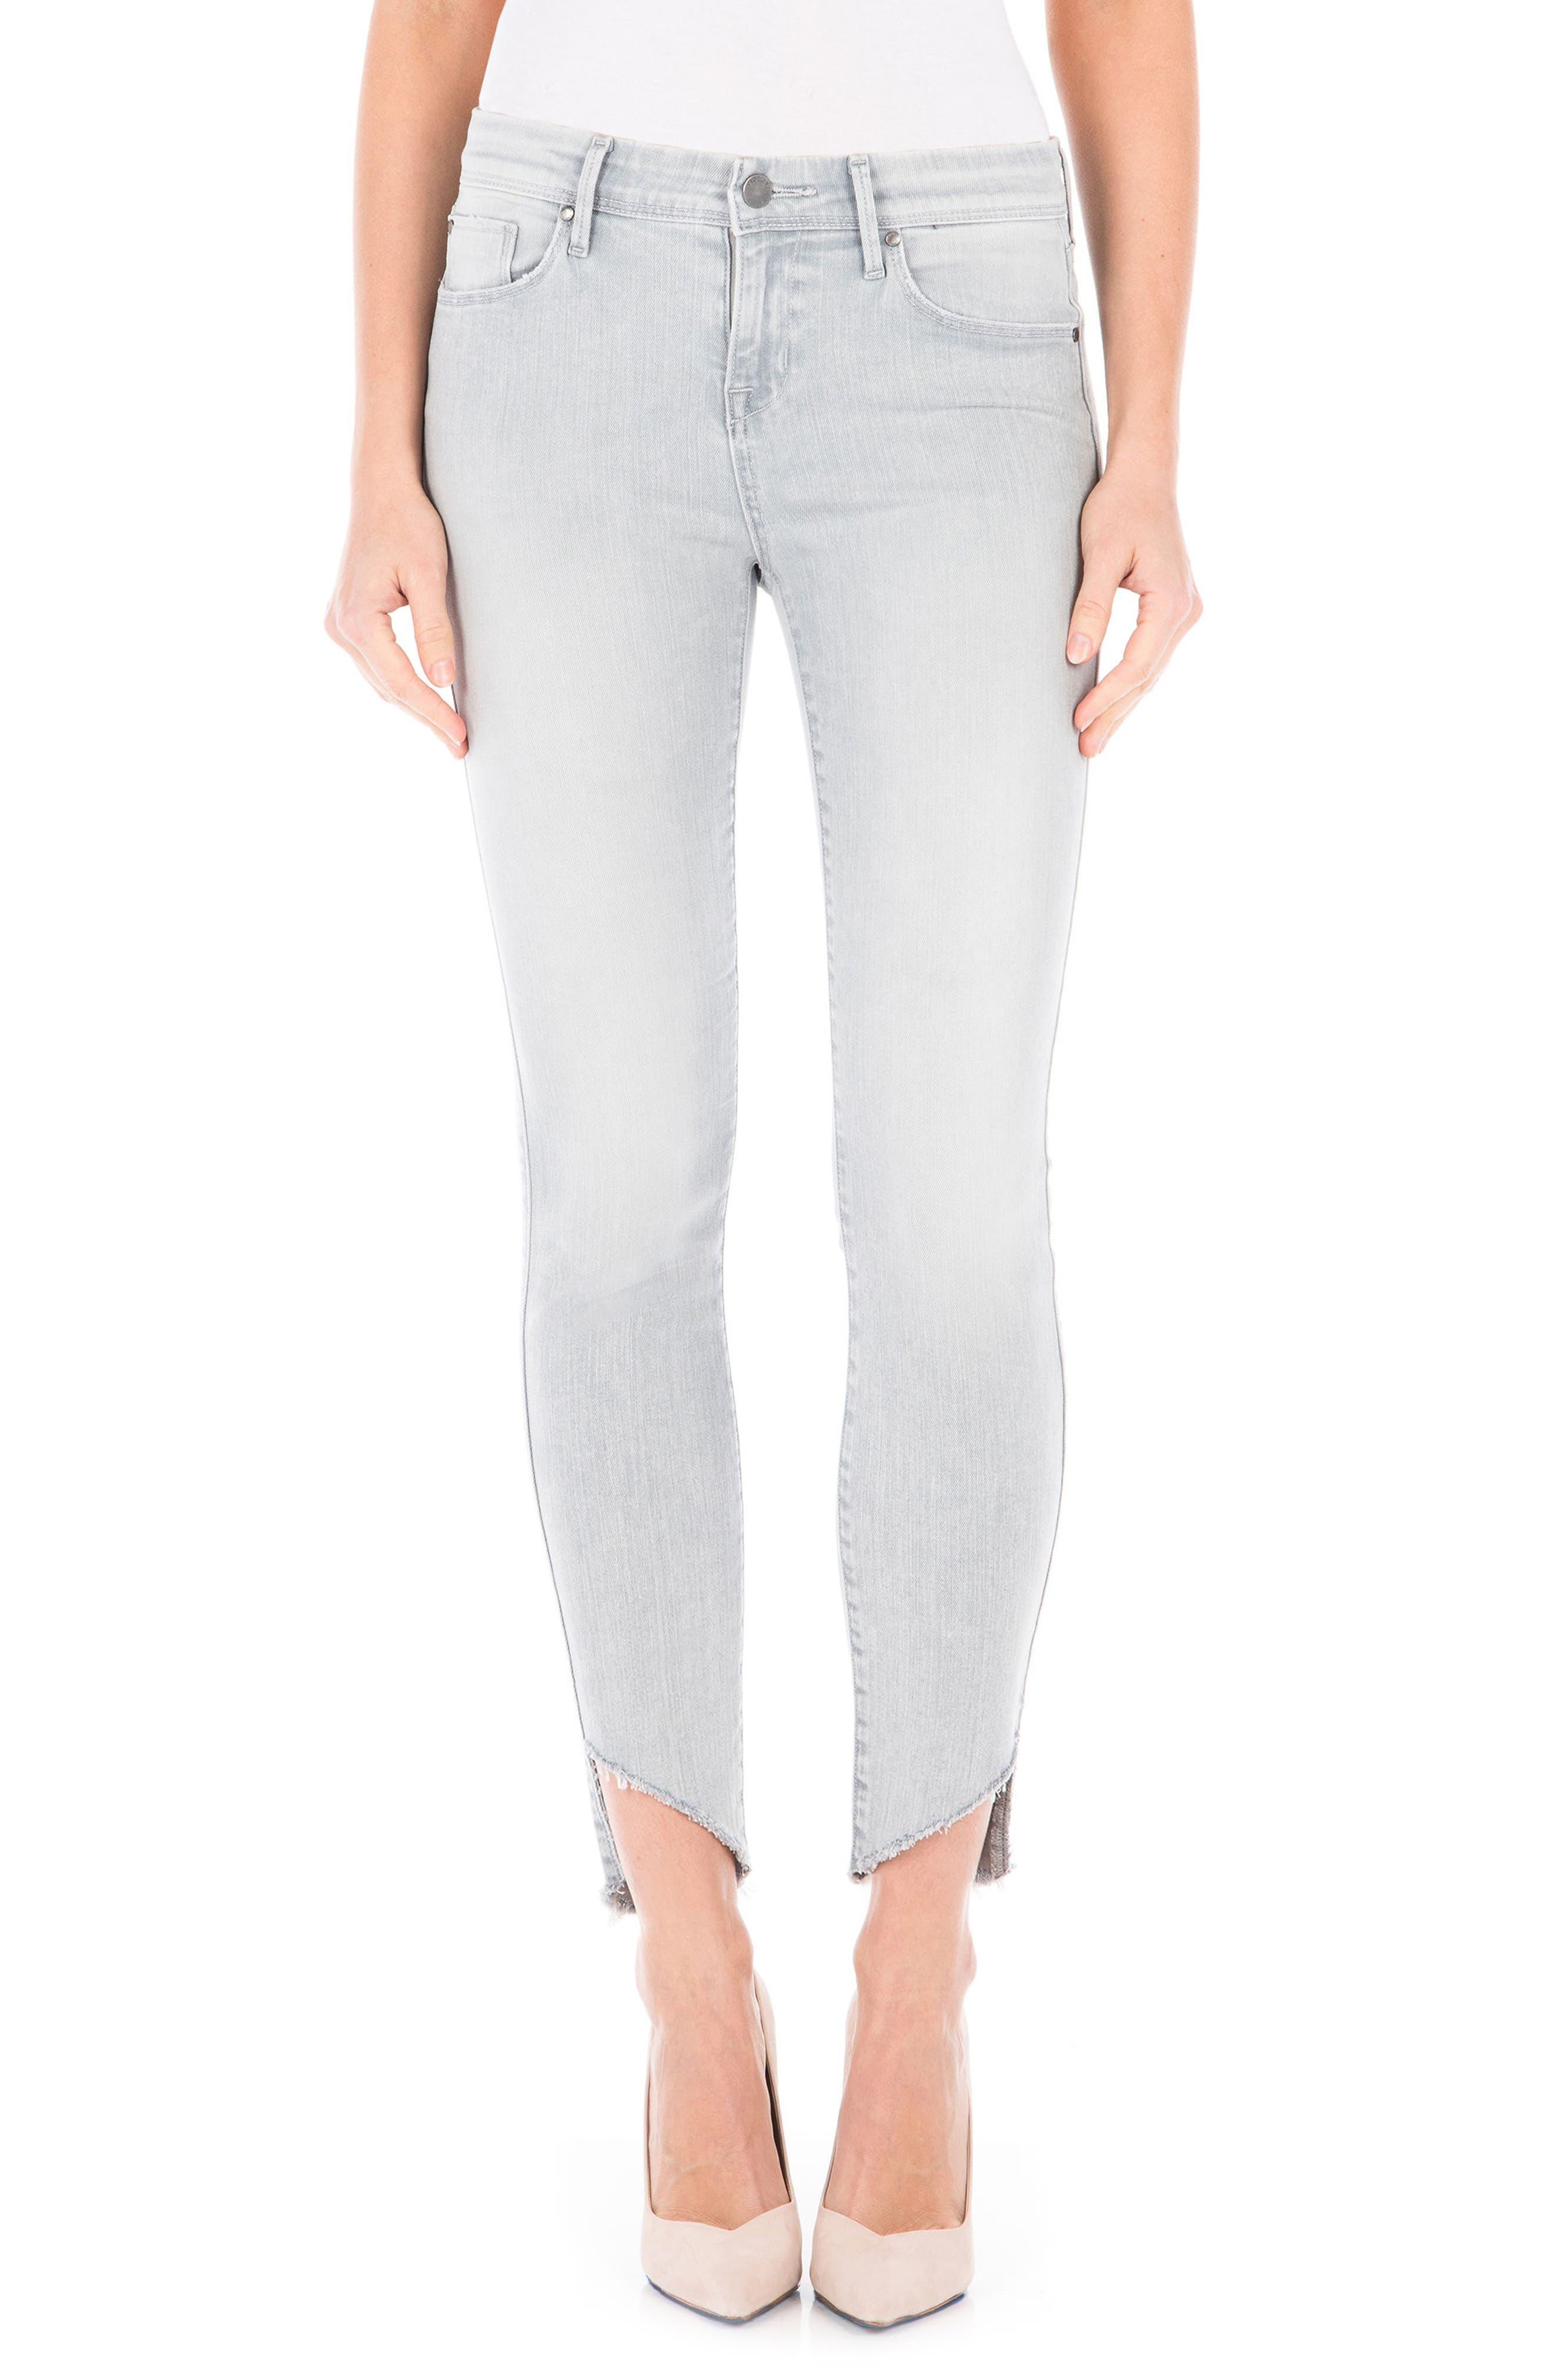 Sola Skinny Jeans,                             Main thumbnail 1, color,                             Quartz